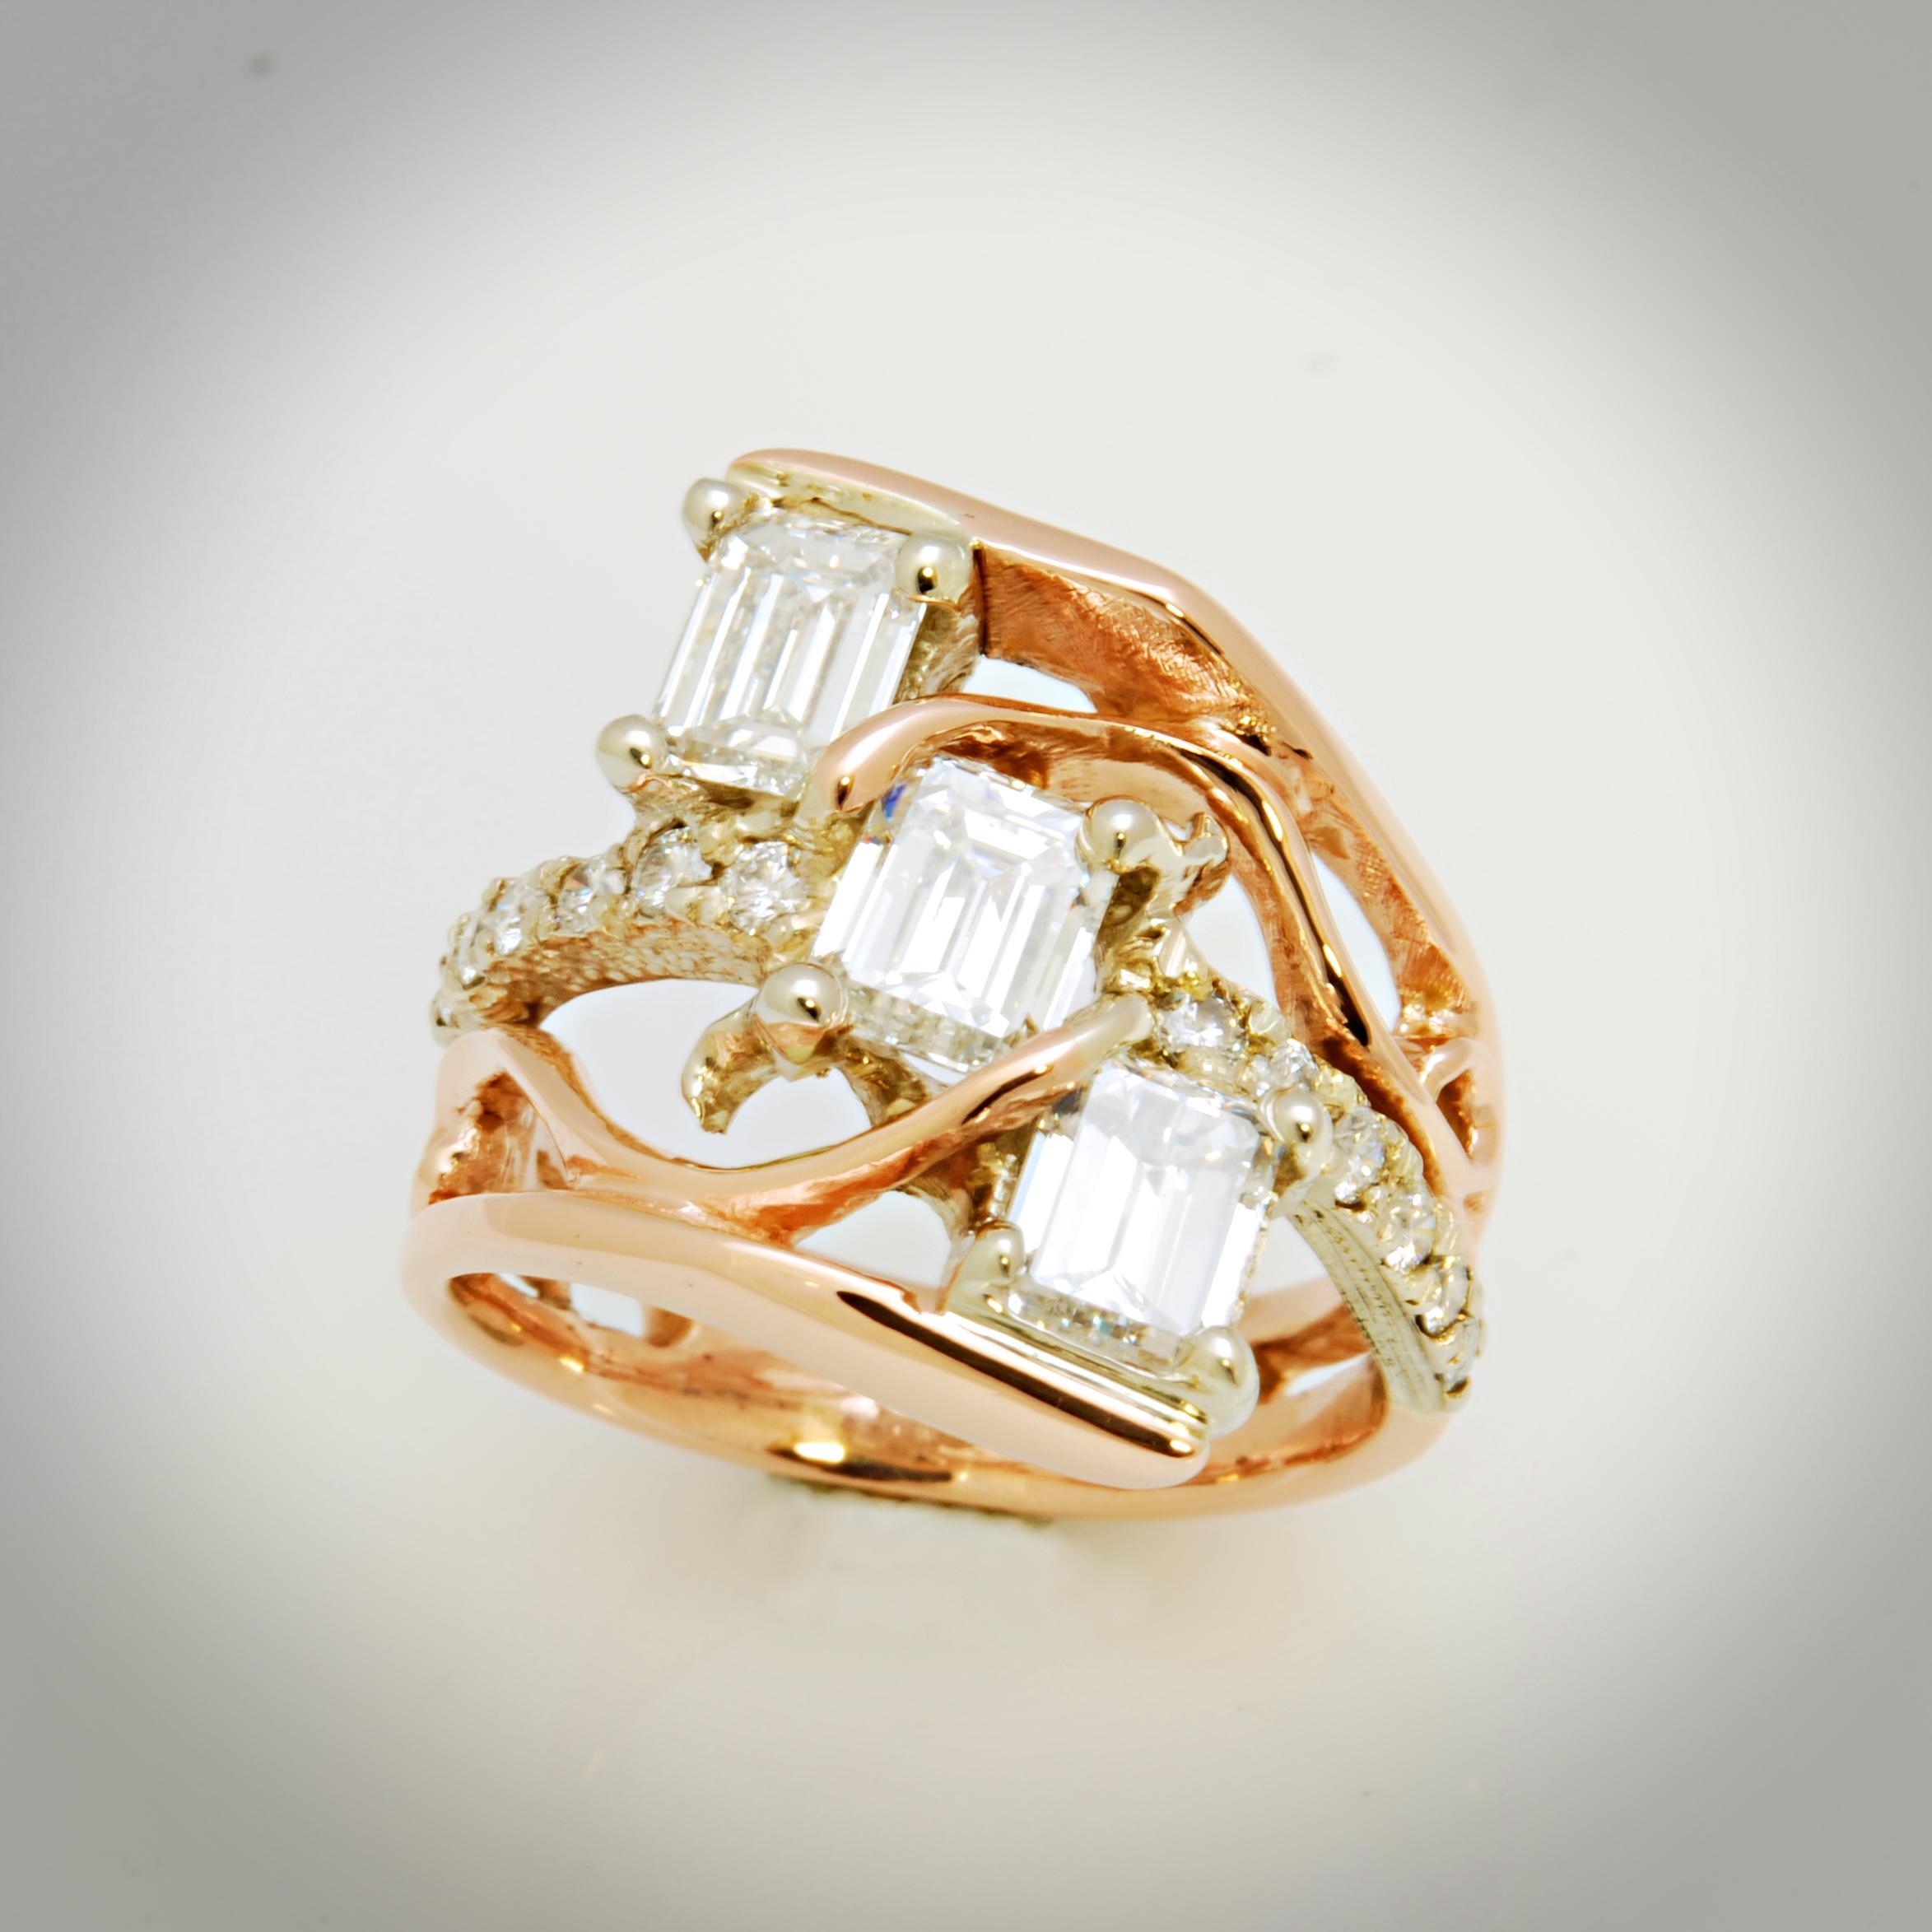 jewelry repair sandy utah style guru fashion glitz